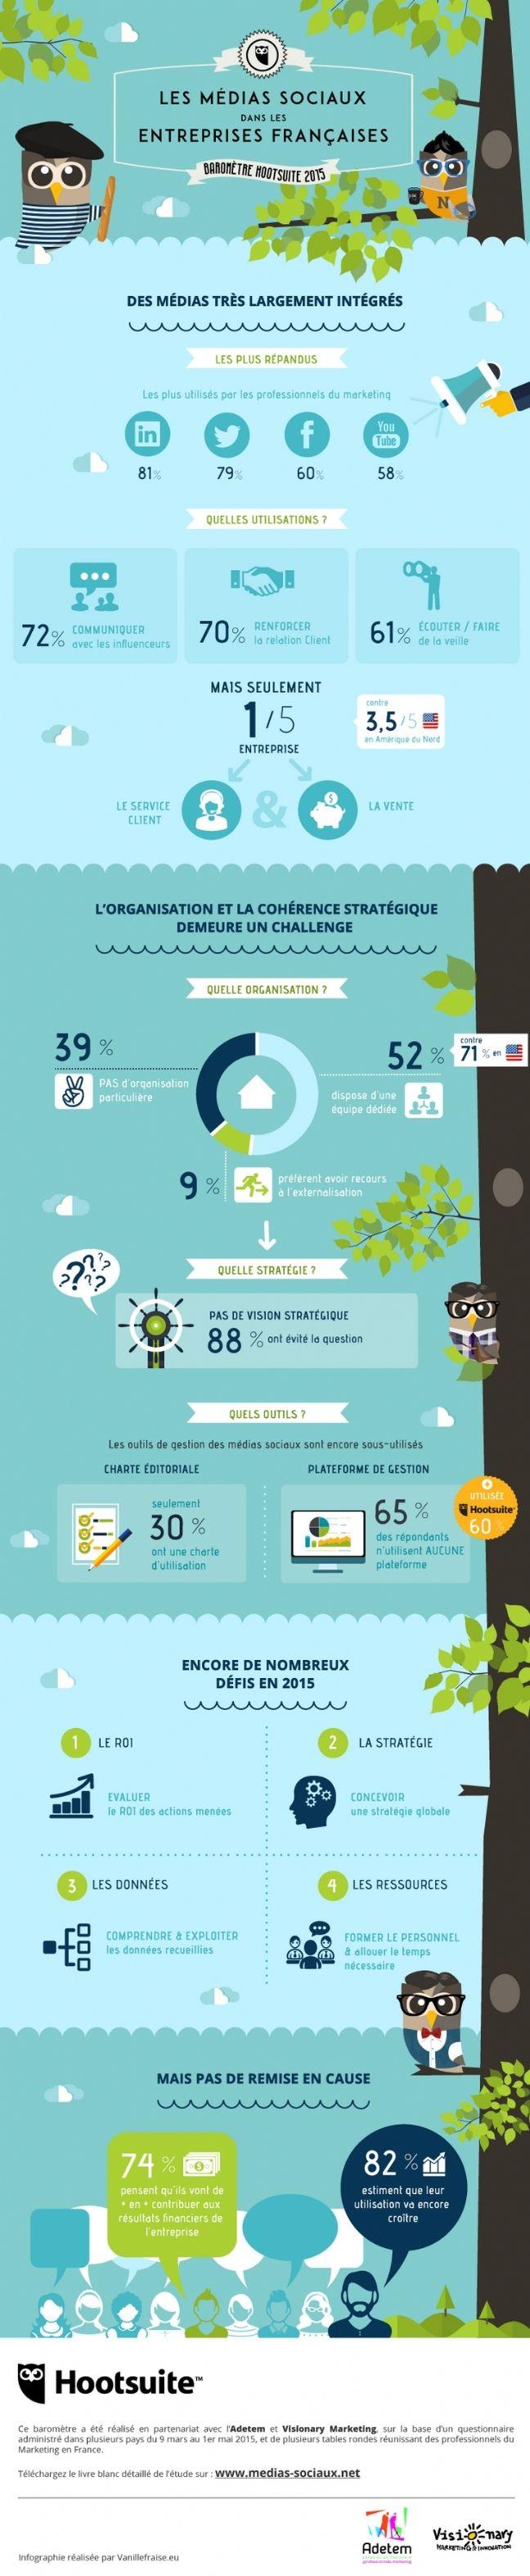 Infographie   Médias sociaux : les défis à relever